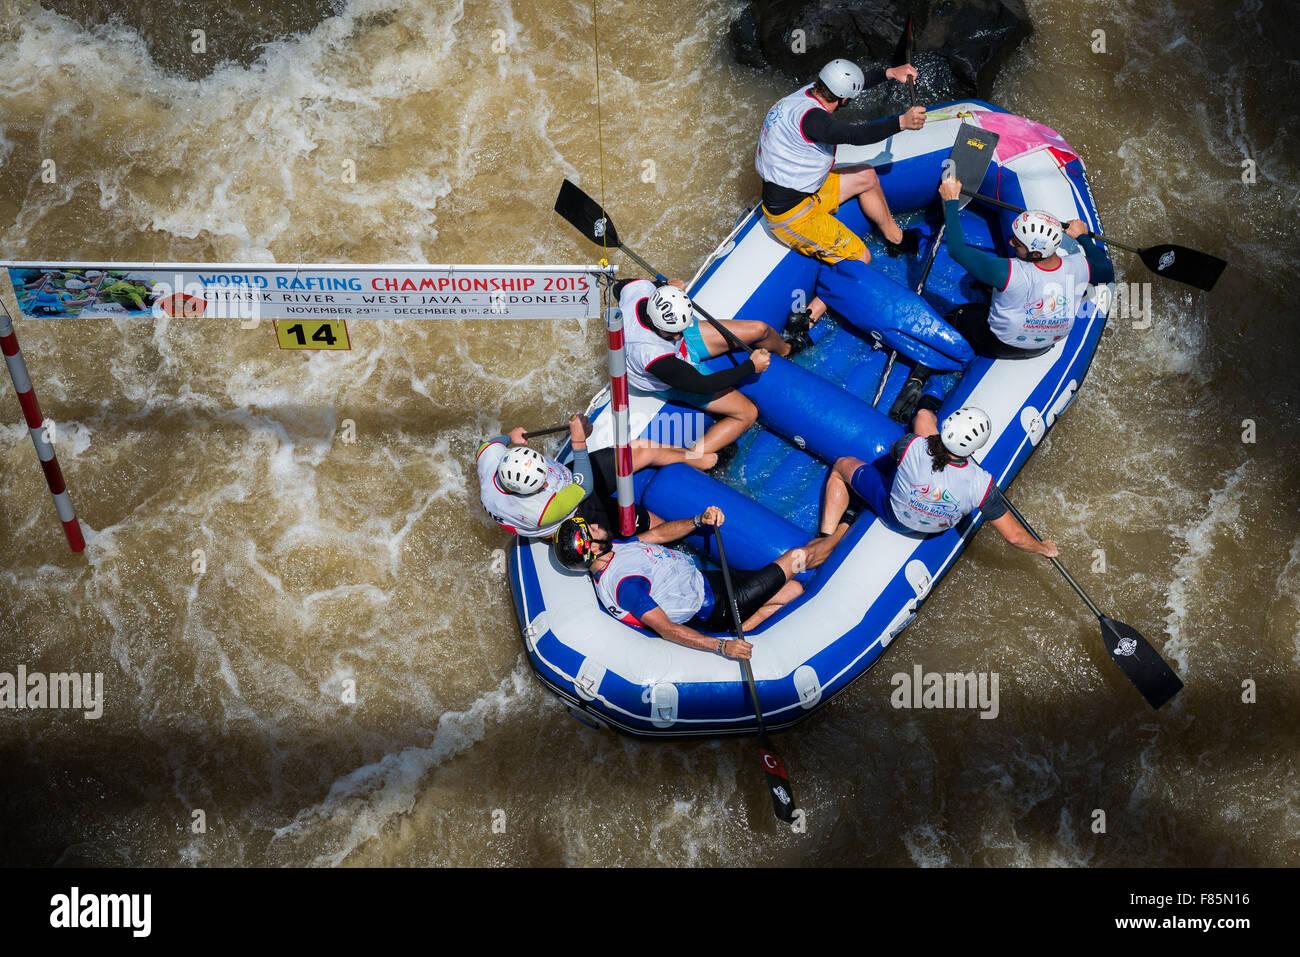 Federación U23 el equipo masculino de categoría durante el eslalon en el campeonato mundial de Rafting. Imagen De Stock